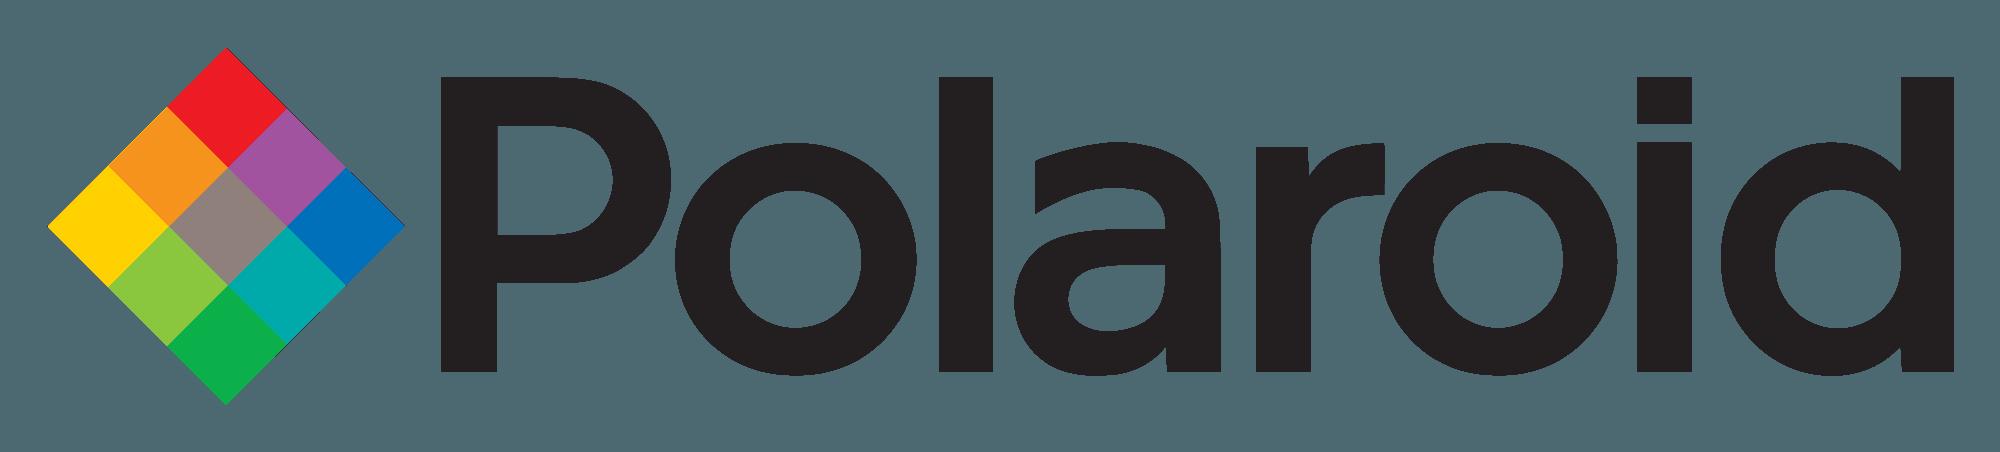 Polaroid Power i Polaroid Snap, czyli cztery nowości od Amerykanów 20